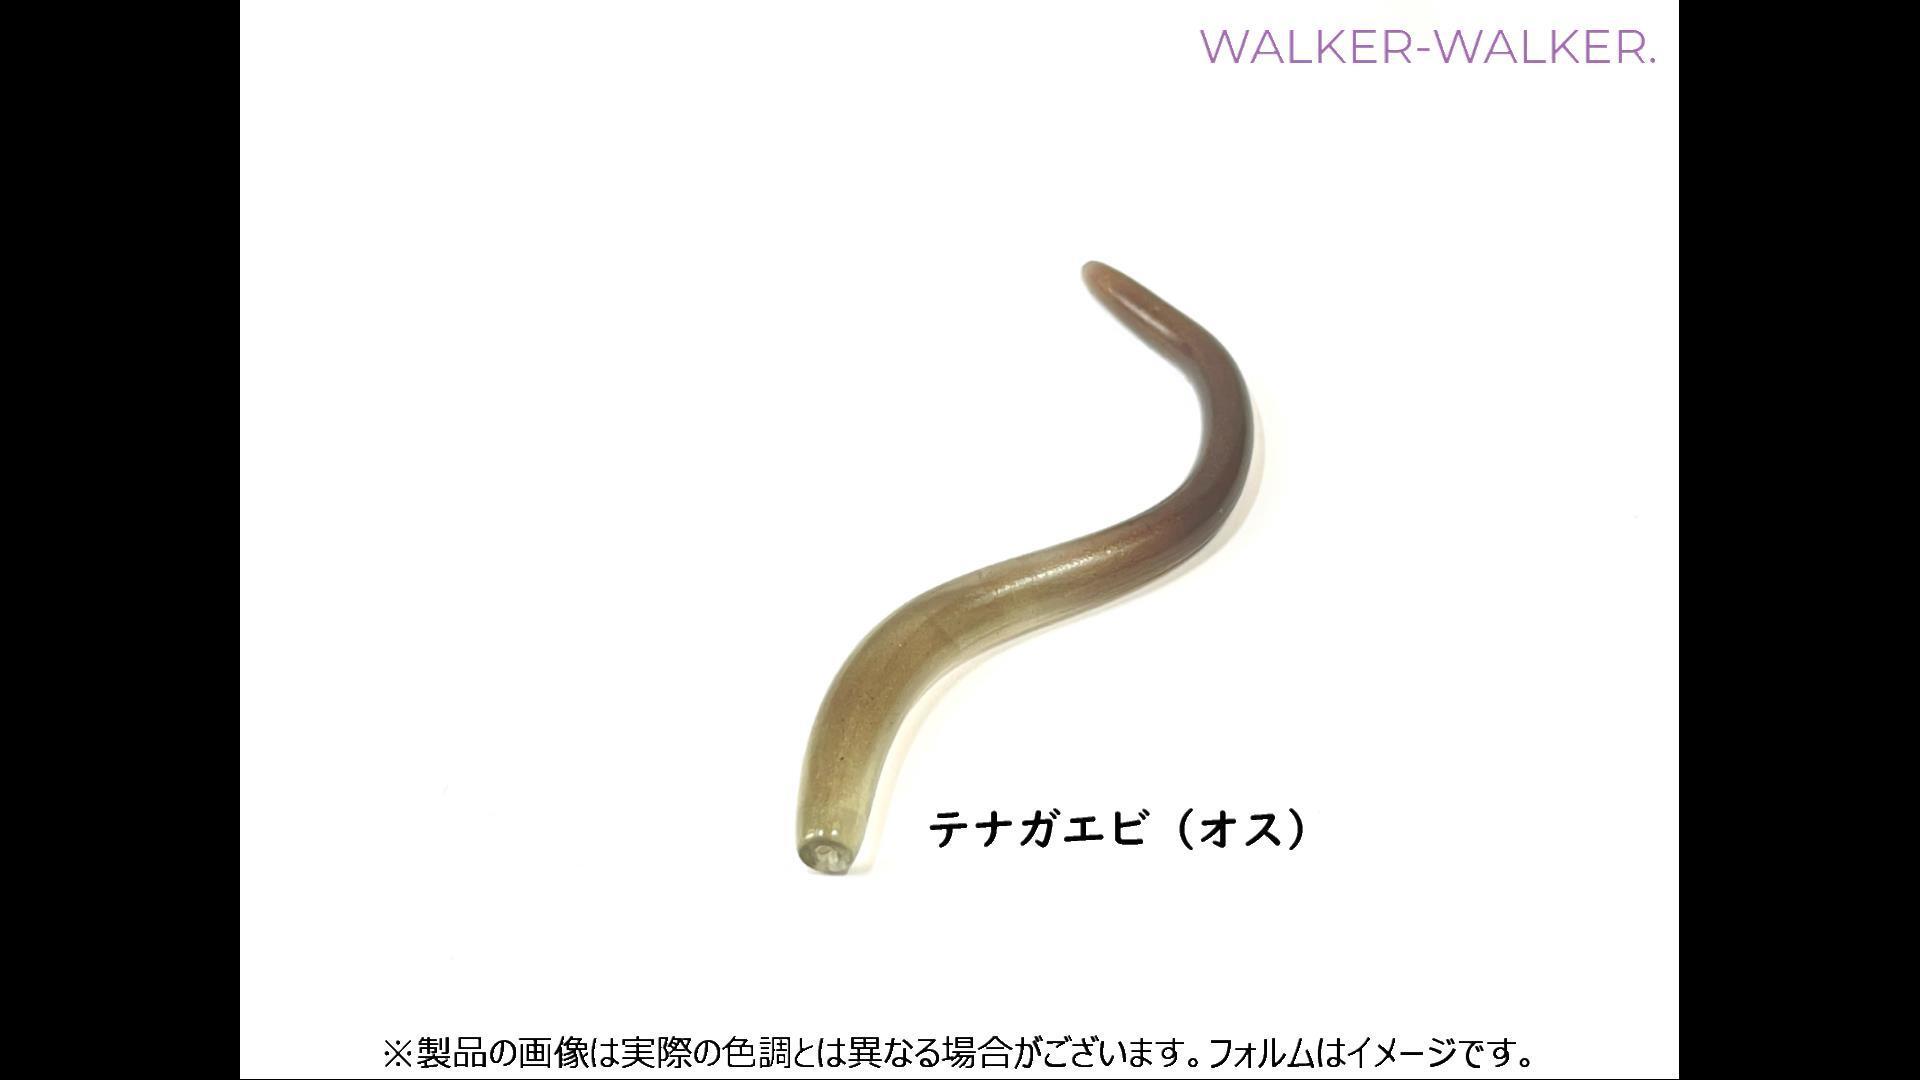 名無しのミミズ 4.2インチ(テナガエビ・オス)